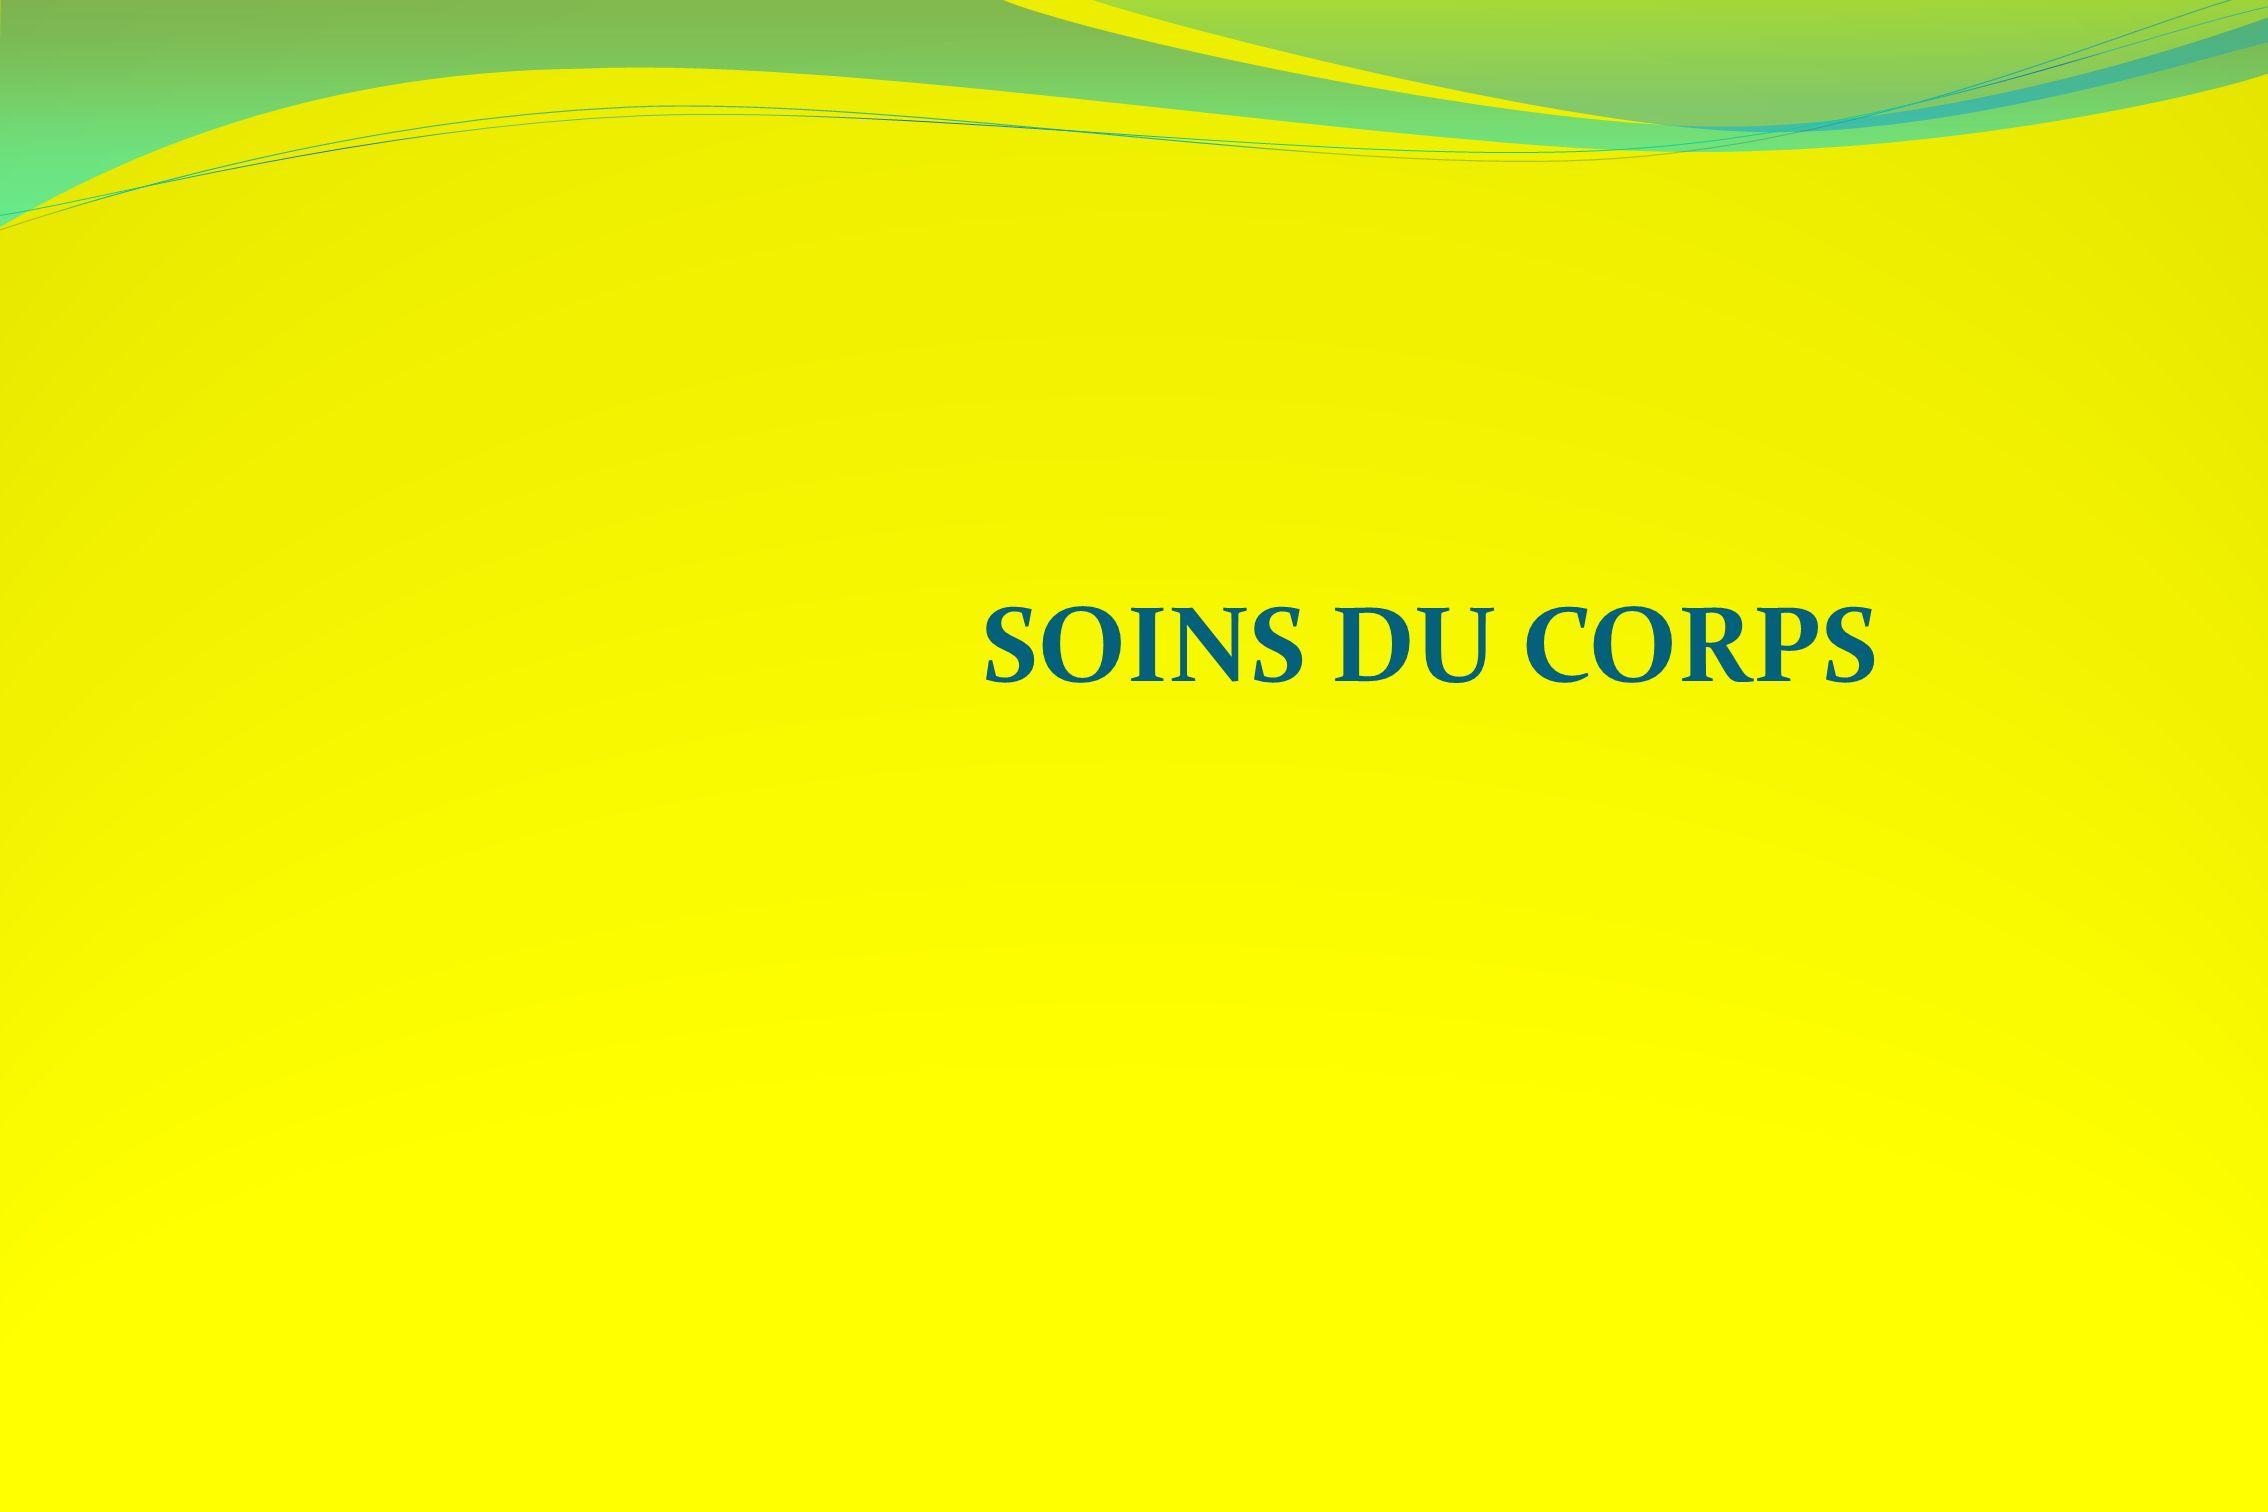 SOINS DU CORPS